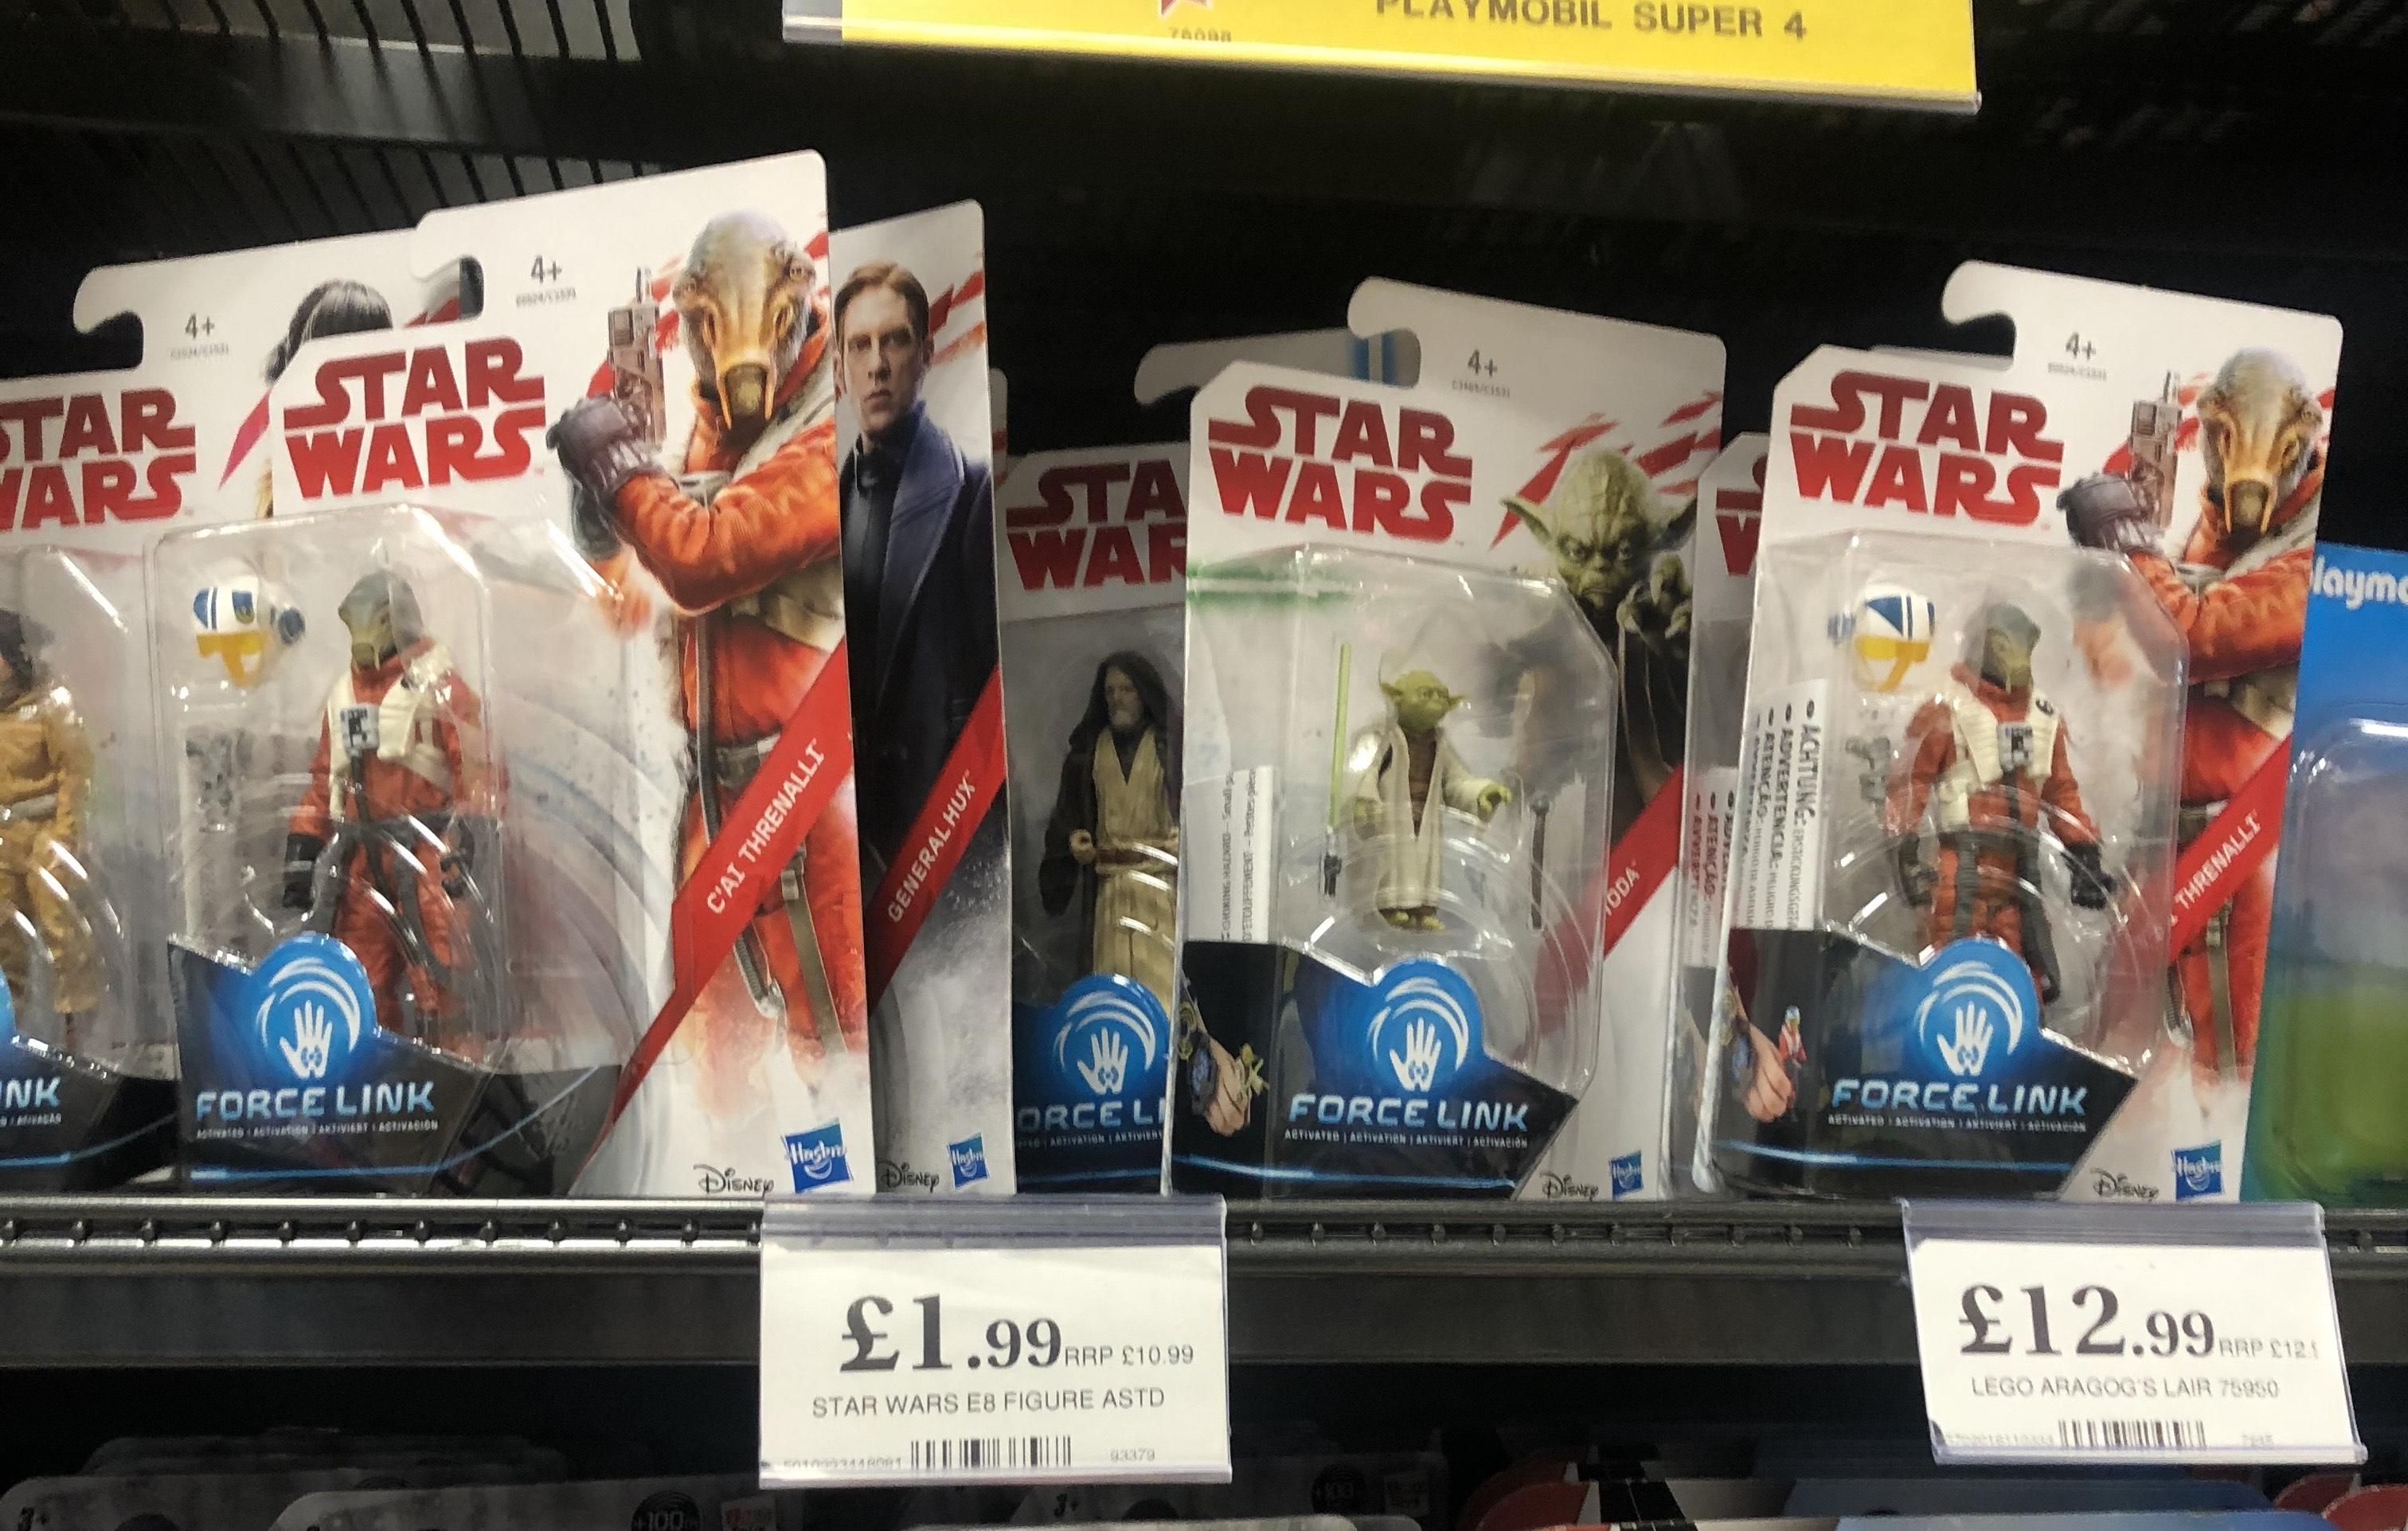 Star Wars Force Link 2018 Action figures - Home Bargains instore